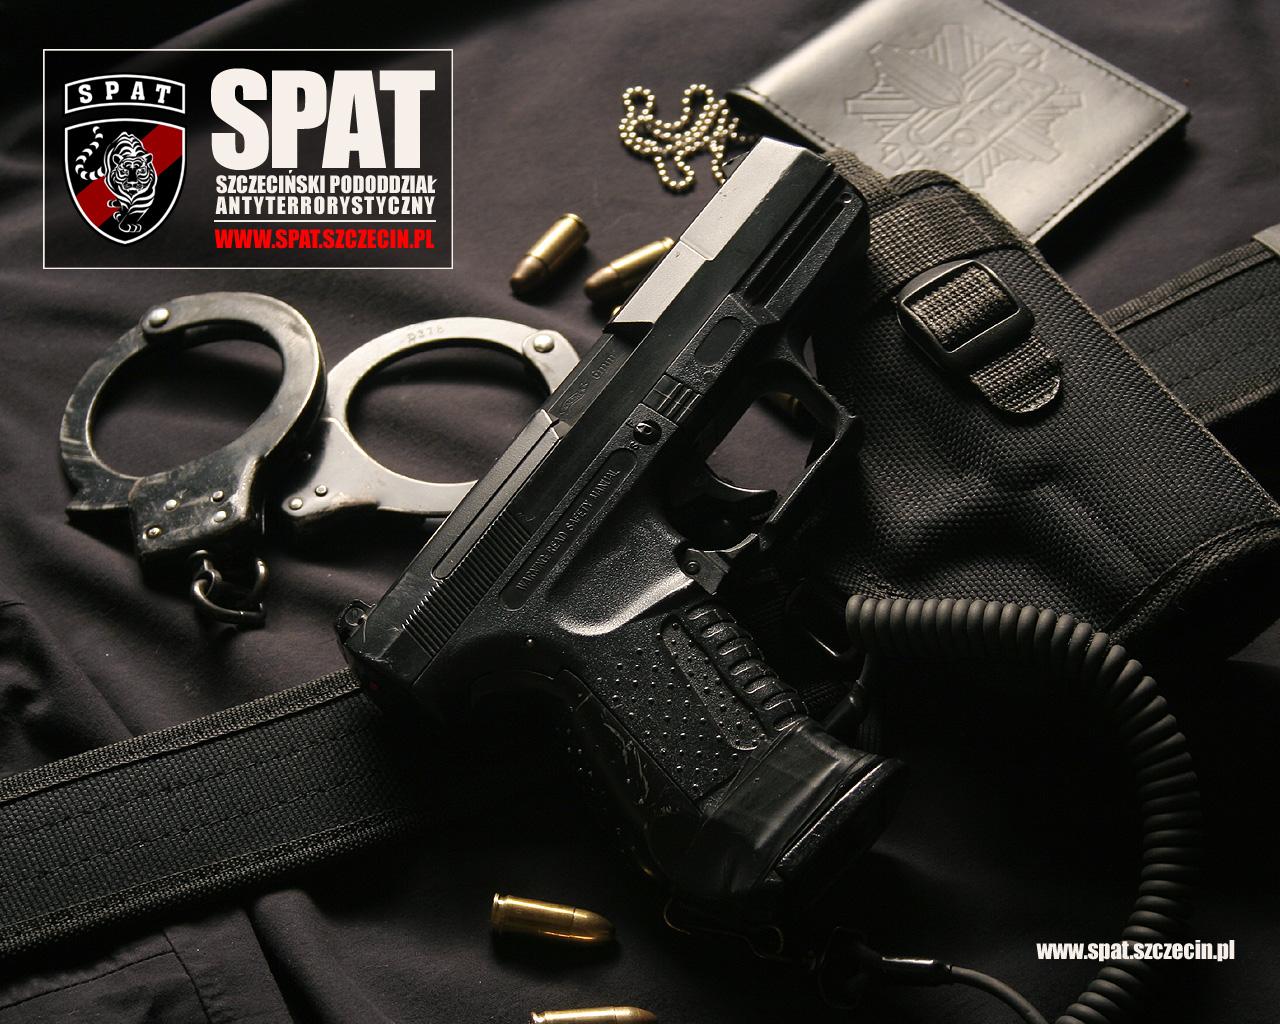 пистолет и наручники, обои для рабочего стола, скачать фото, hand gun wallpaper